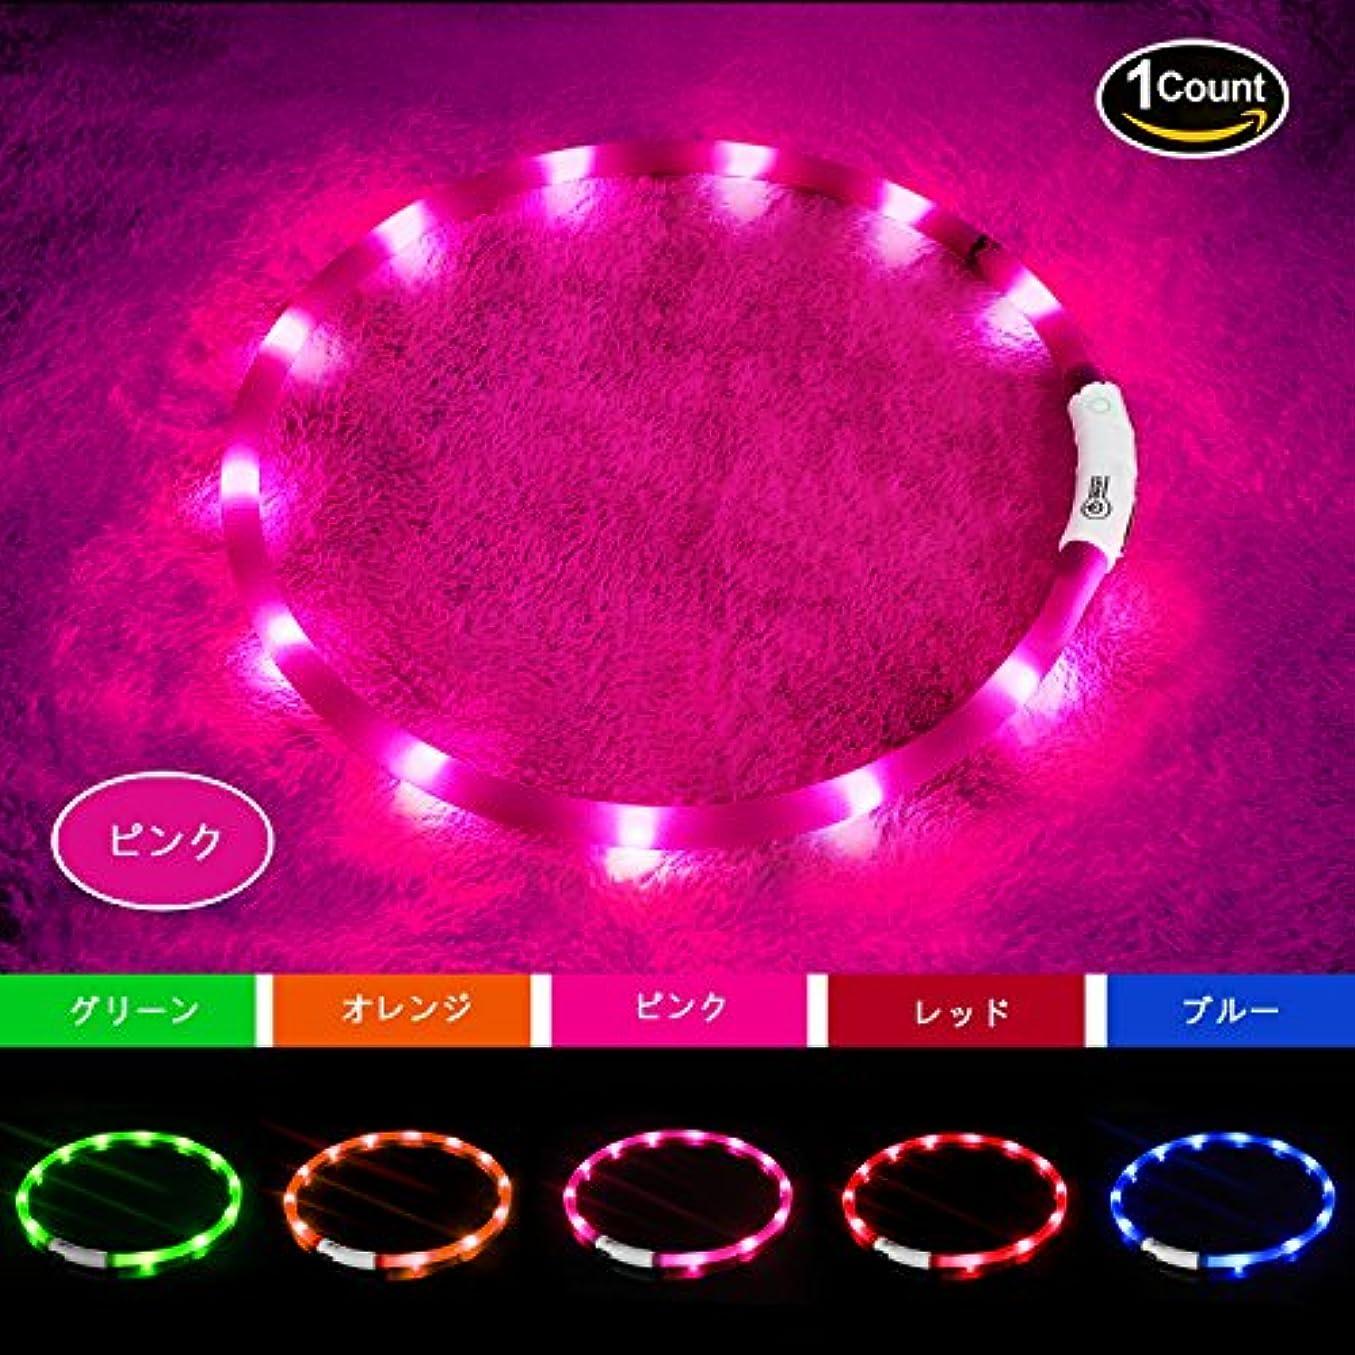 原始的な注ぎますピースLED光る首輪, USB 再充電 ドッグ カラー 12個のLEDライト [500m先から目視可能] ペット 夜間 安全性 [3種類のライトモードを搭載] 防水 スモール ミディアム ラージ [複数色ご用意] (ピンク)